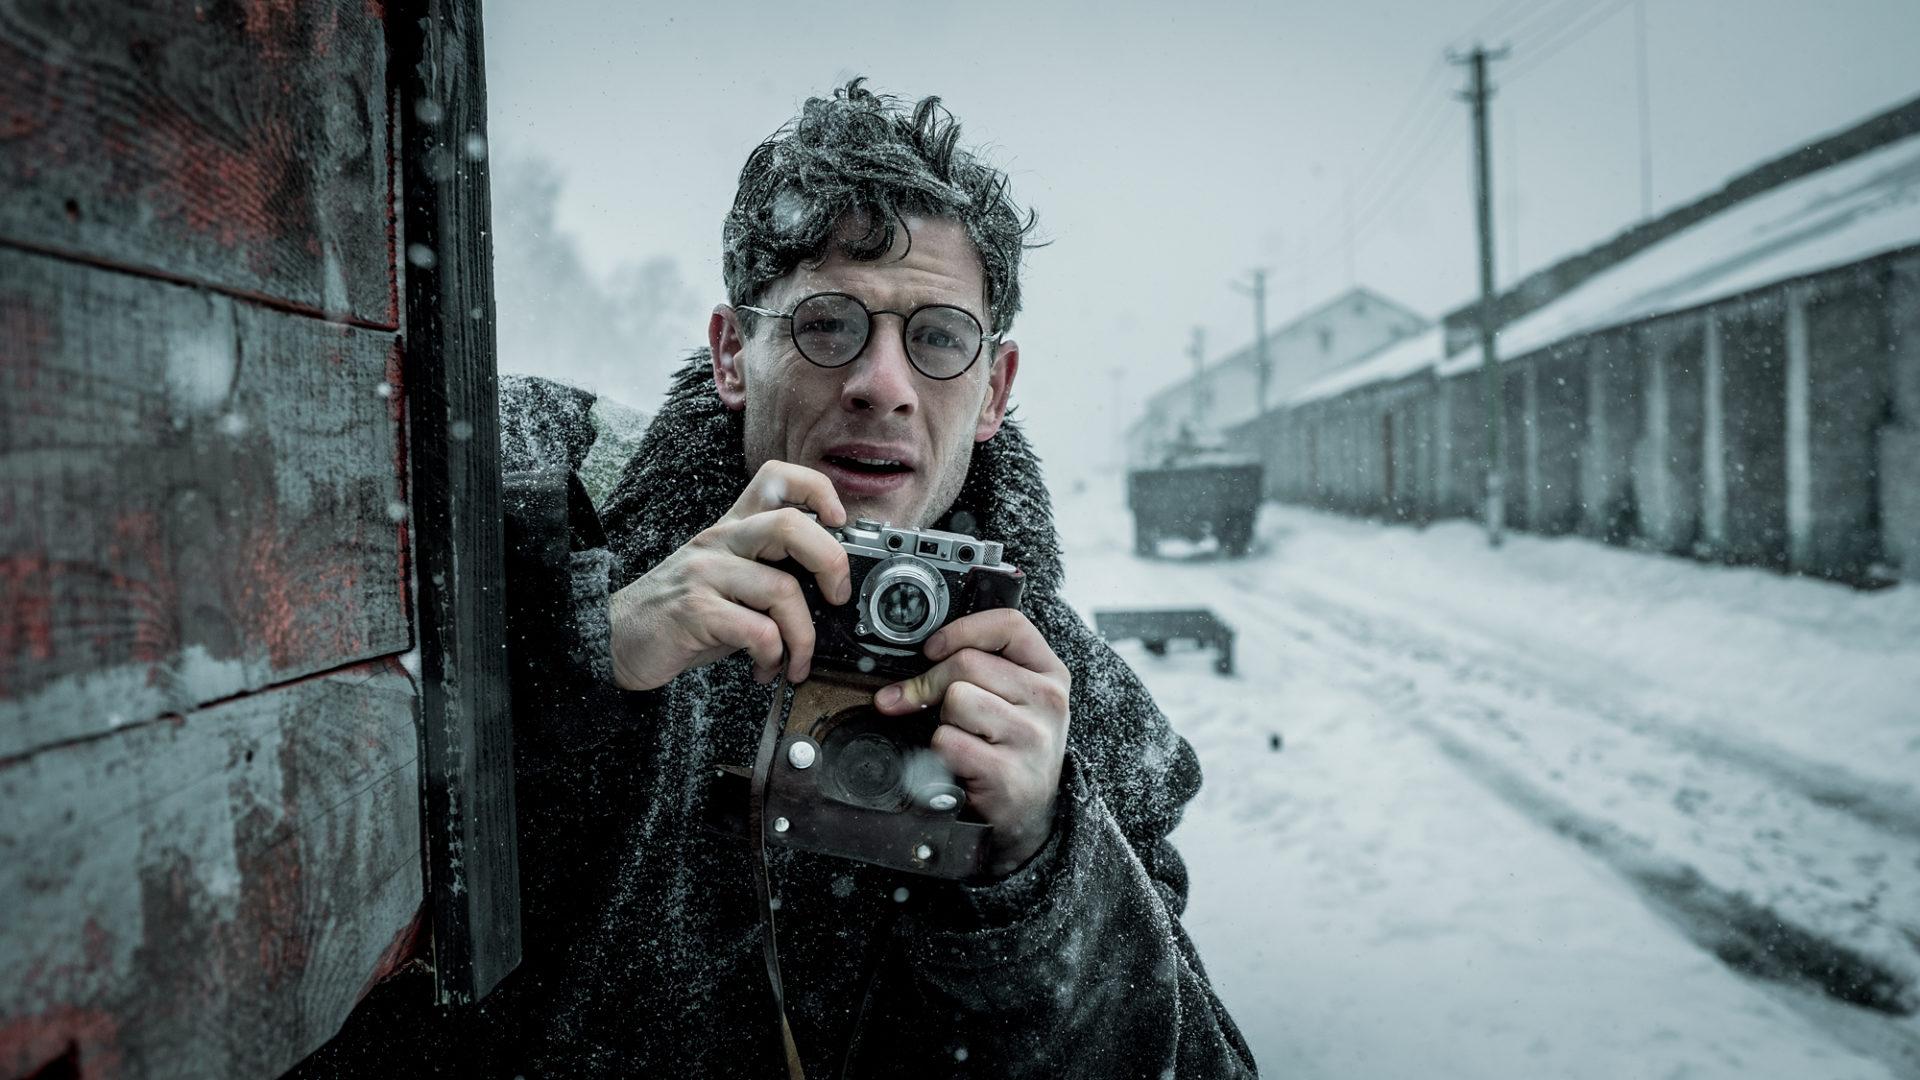 《普立茲記者》編劇碰觸前所未有大膽題材 自爆祖父親眼目睹「烏克蘭饑荒」橫屍遍野